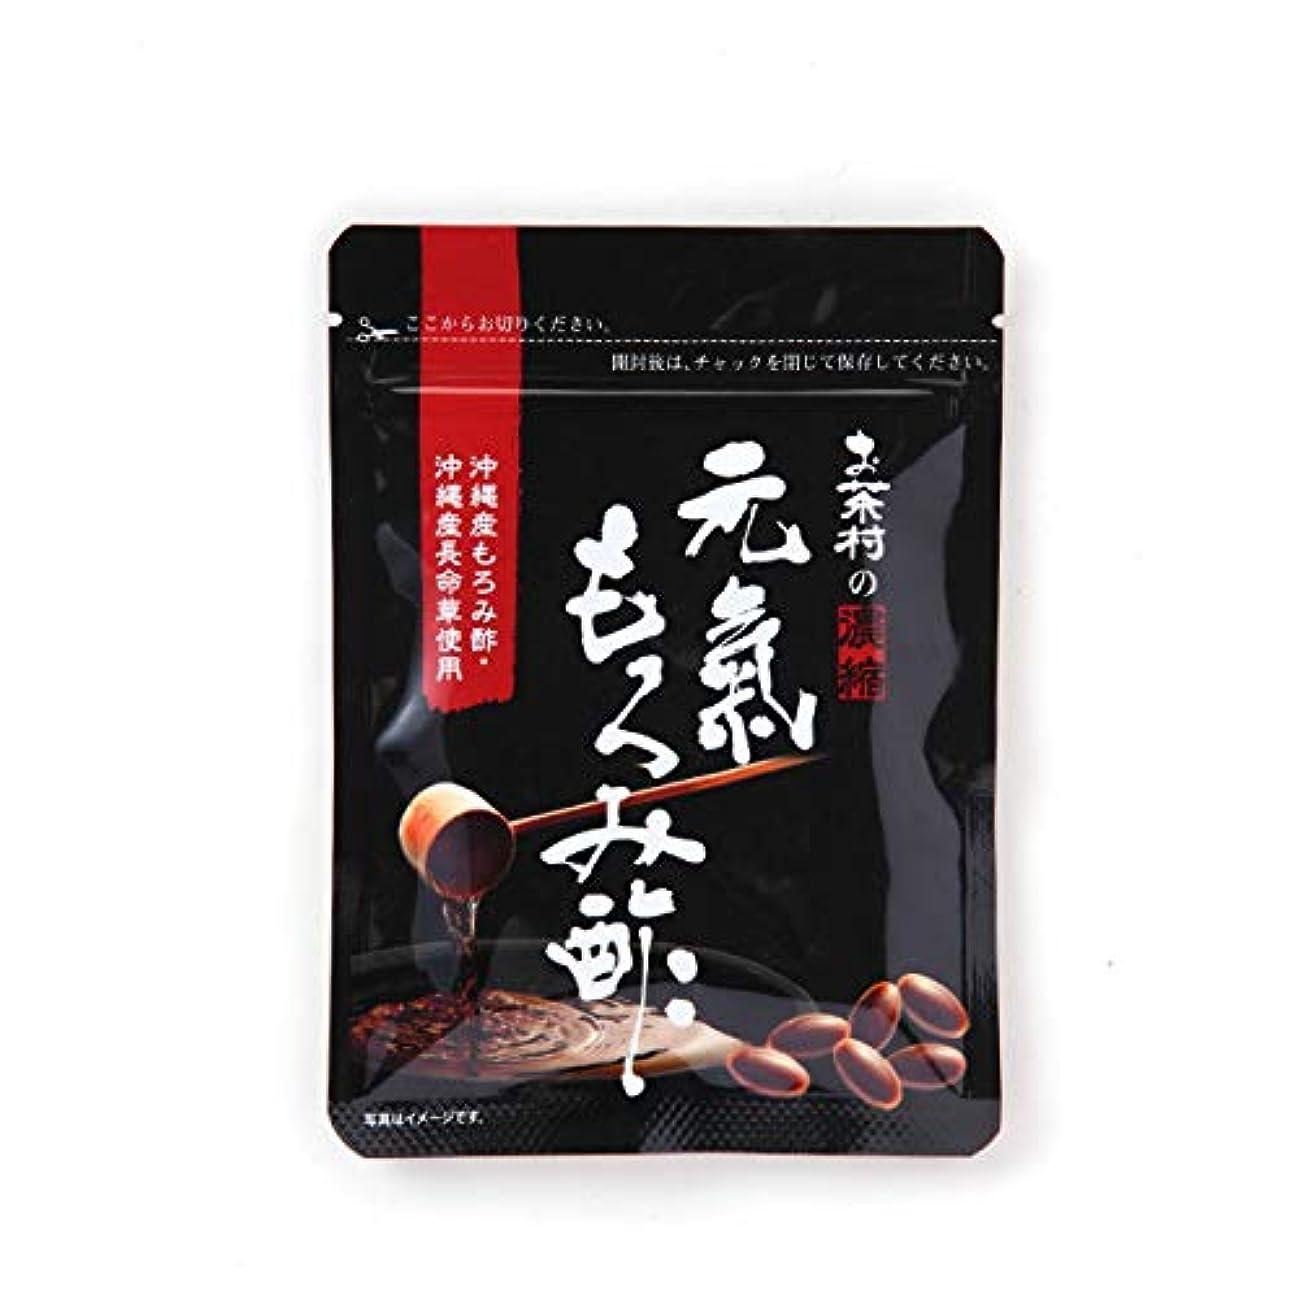 ゲスト説得力のある縫い目お茶村 濃縮 元氣 もろみ酢 ( 560mg × 62粒 - 約1ヶ月分 )